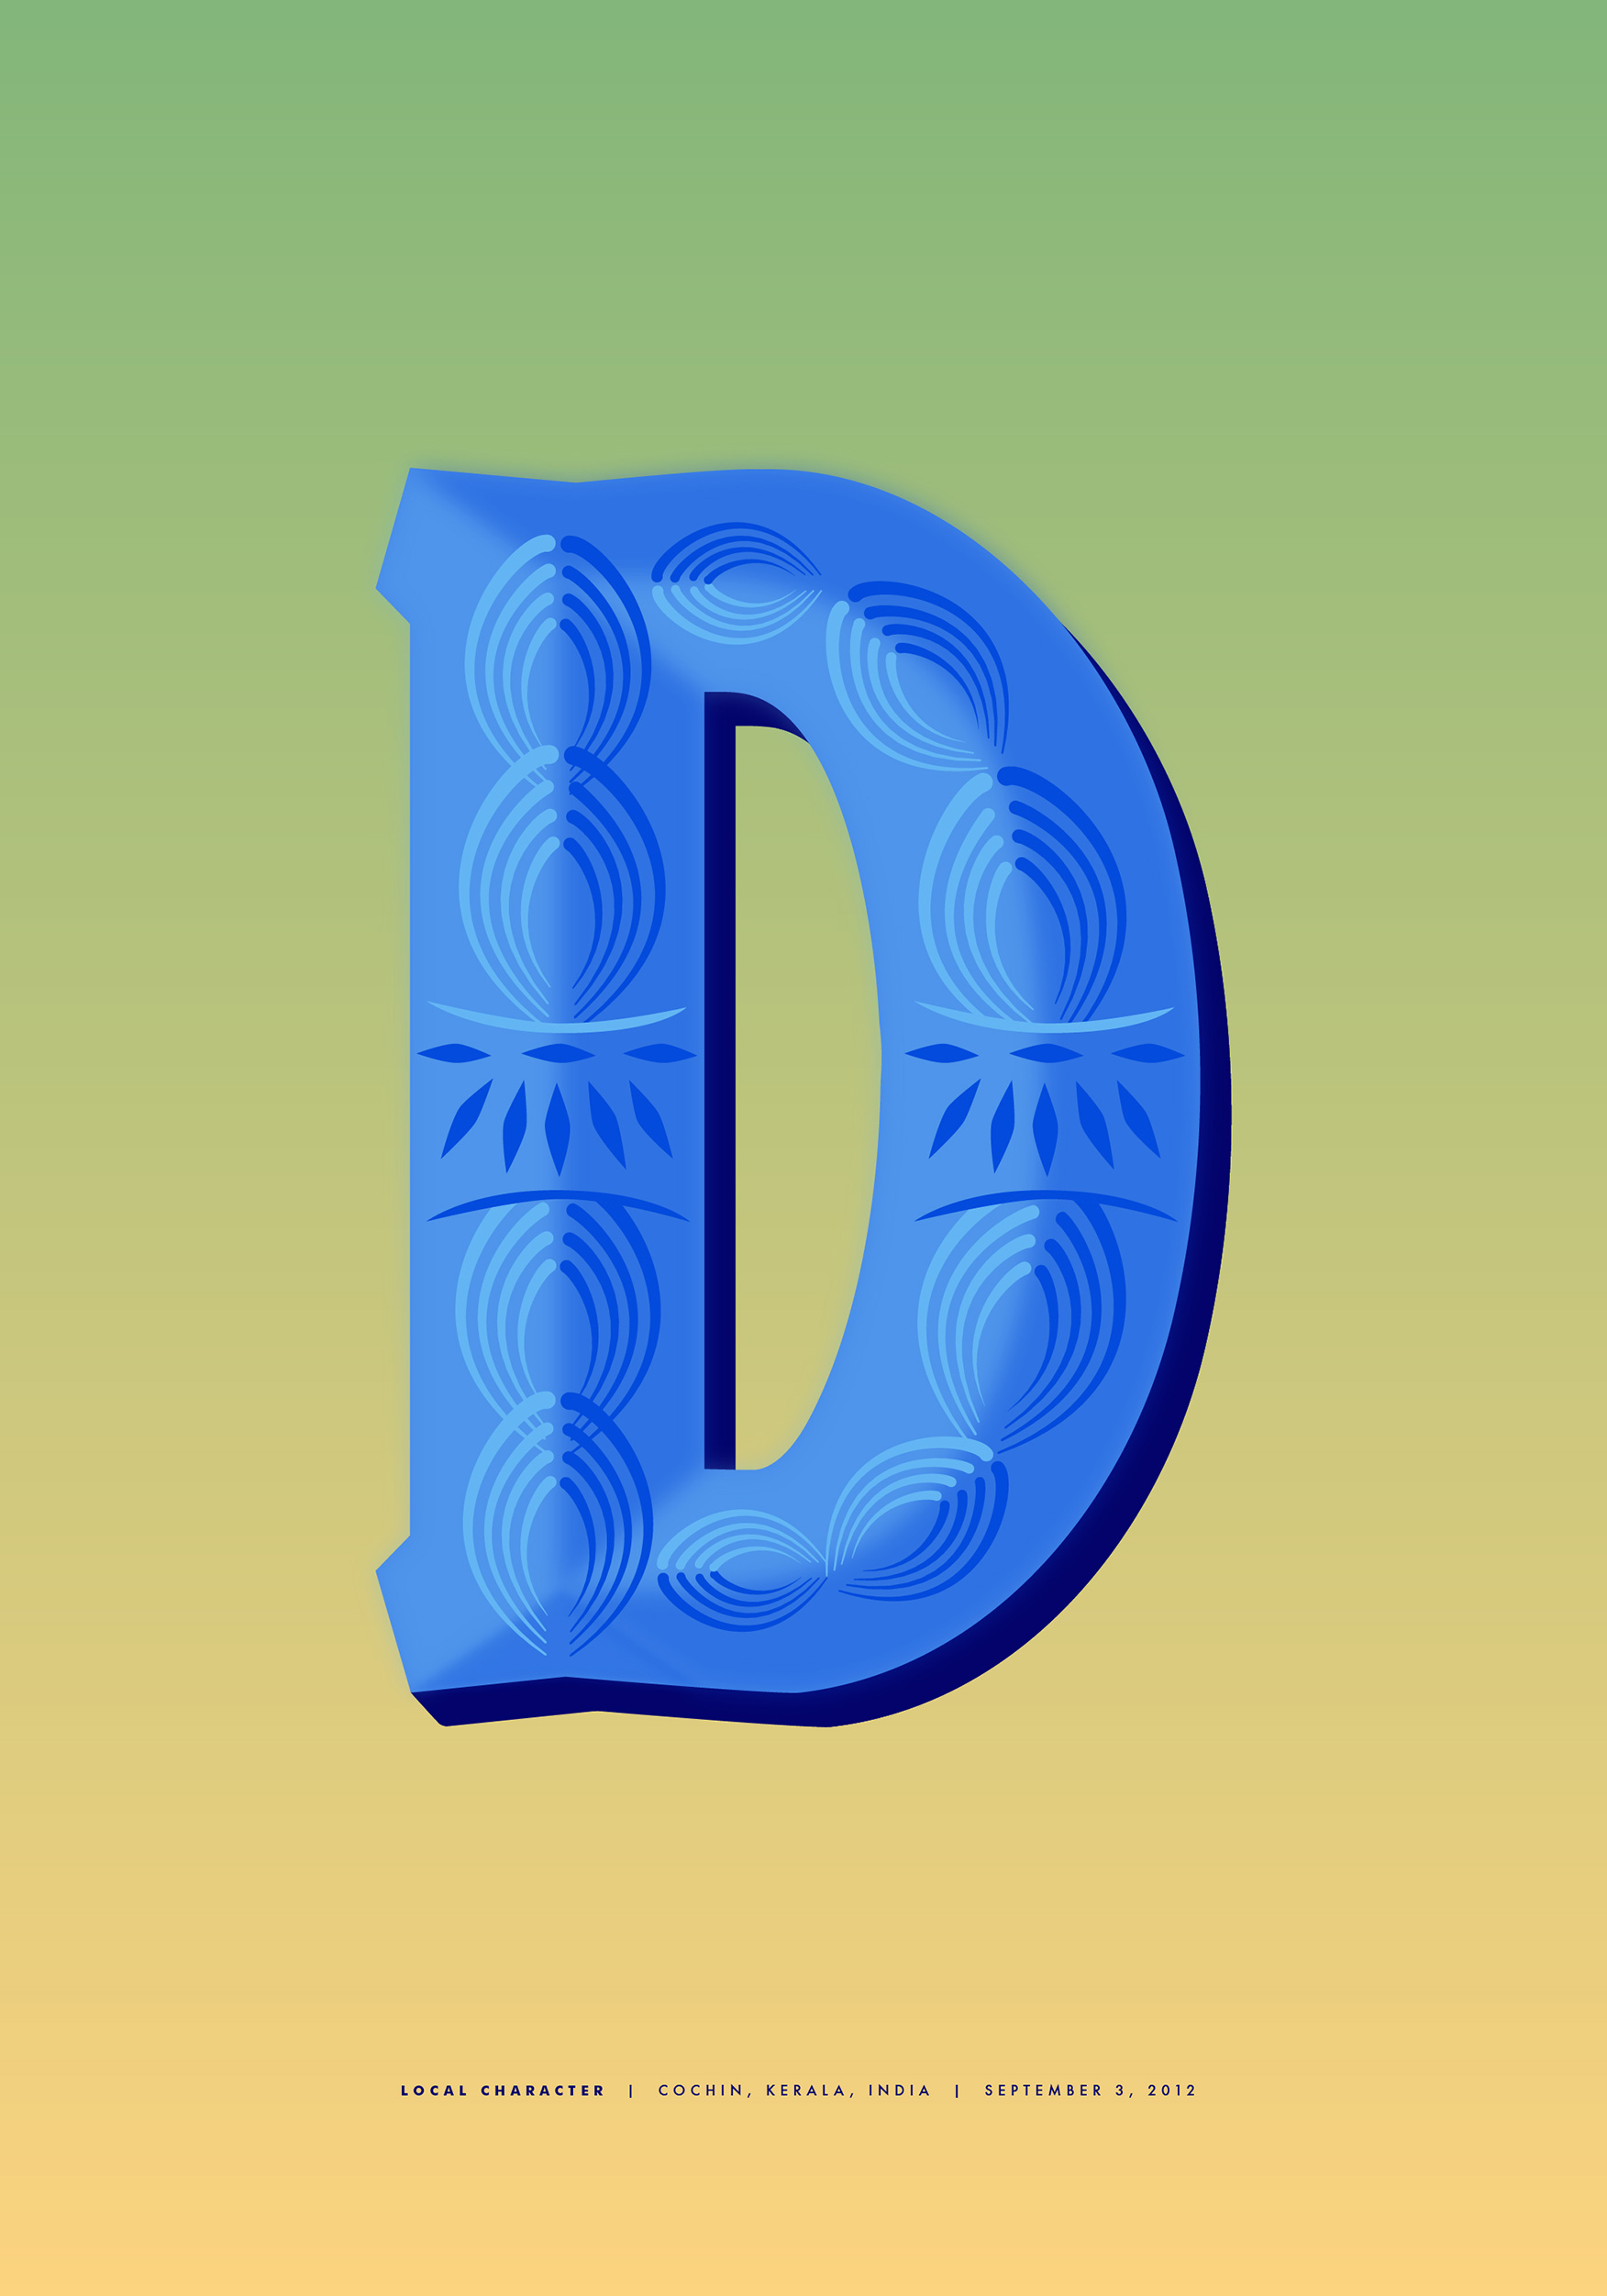 Kerala-Alphabet-D.jpg